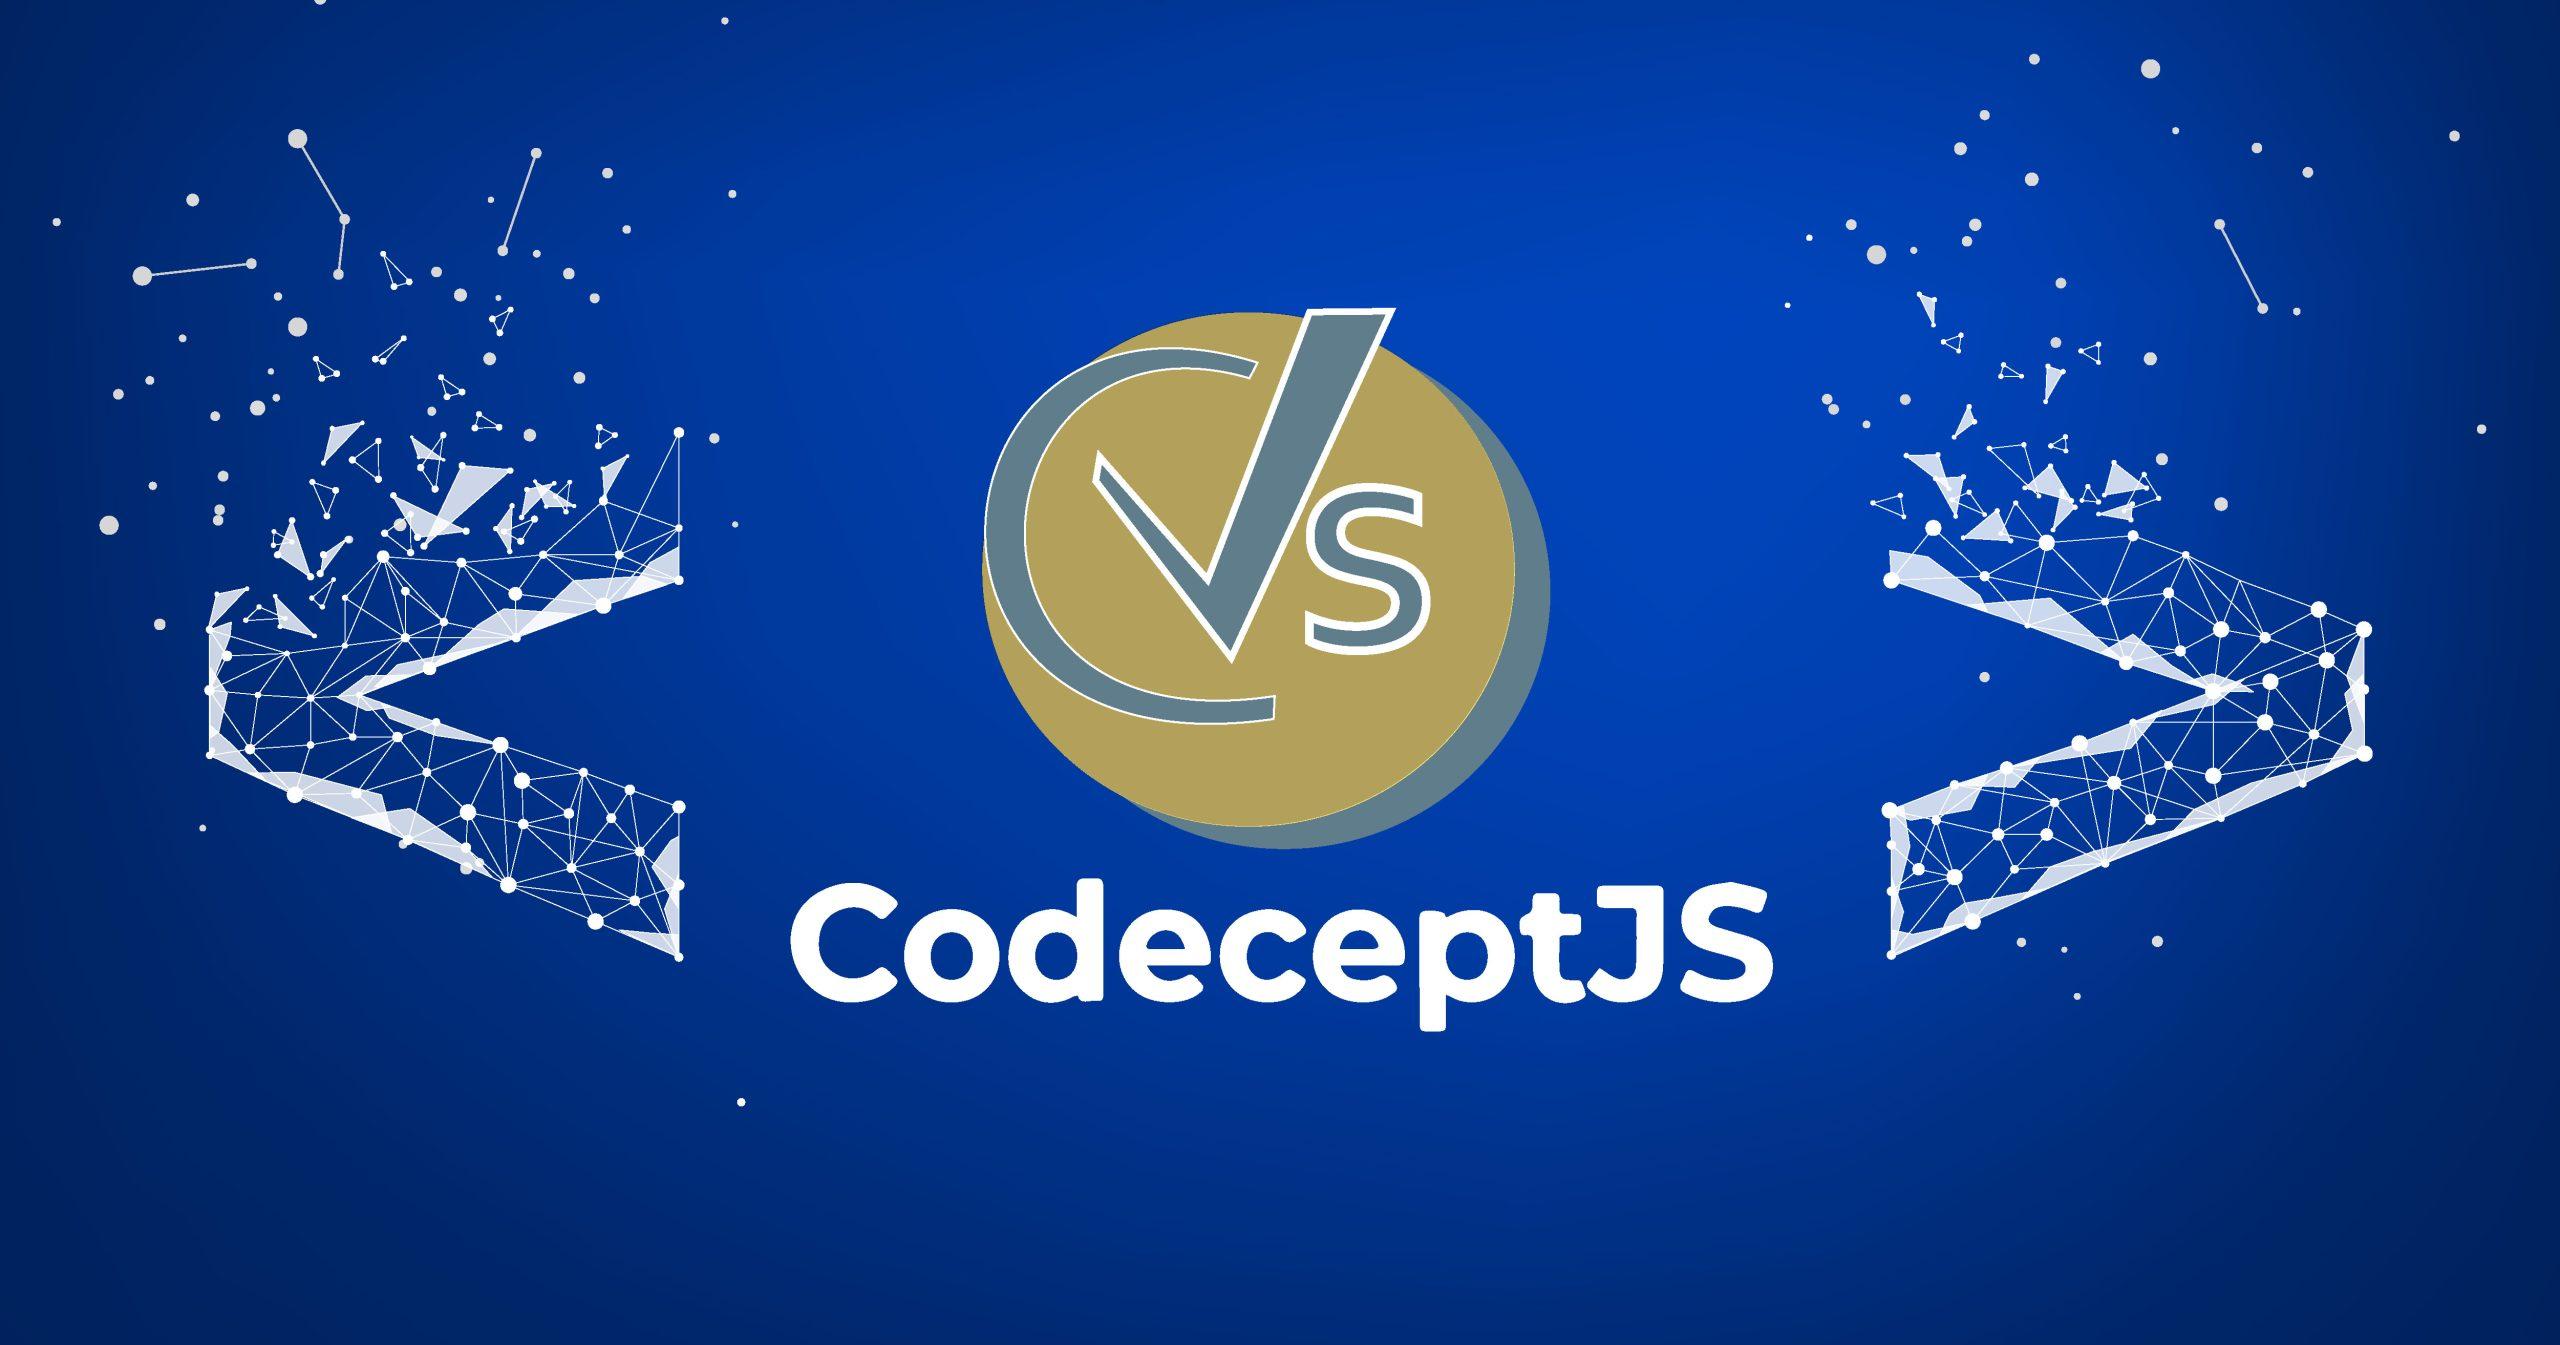 Embracing CodeceptJS